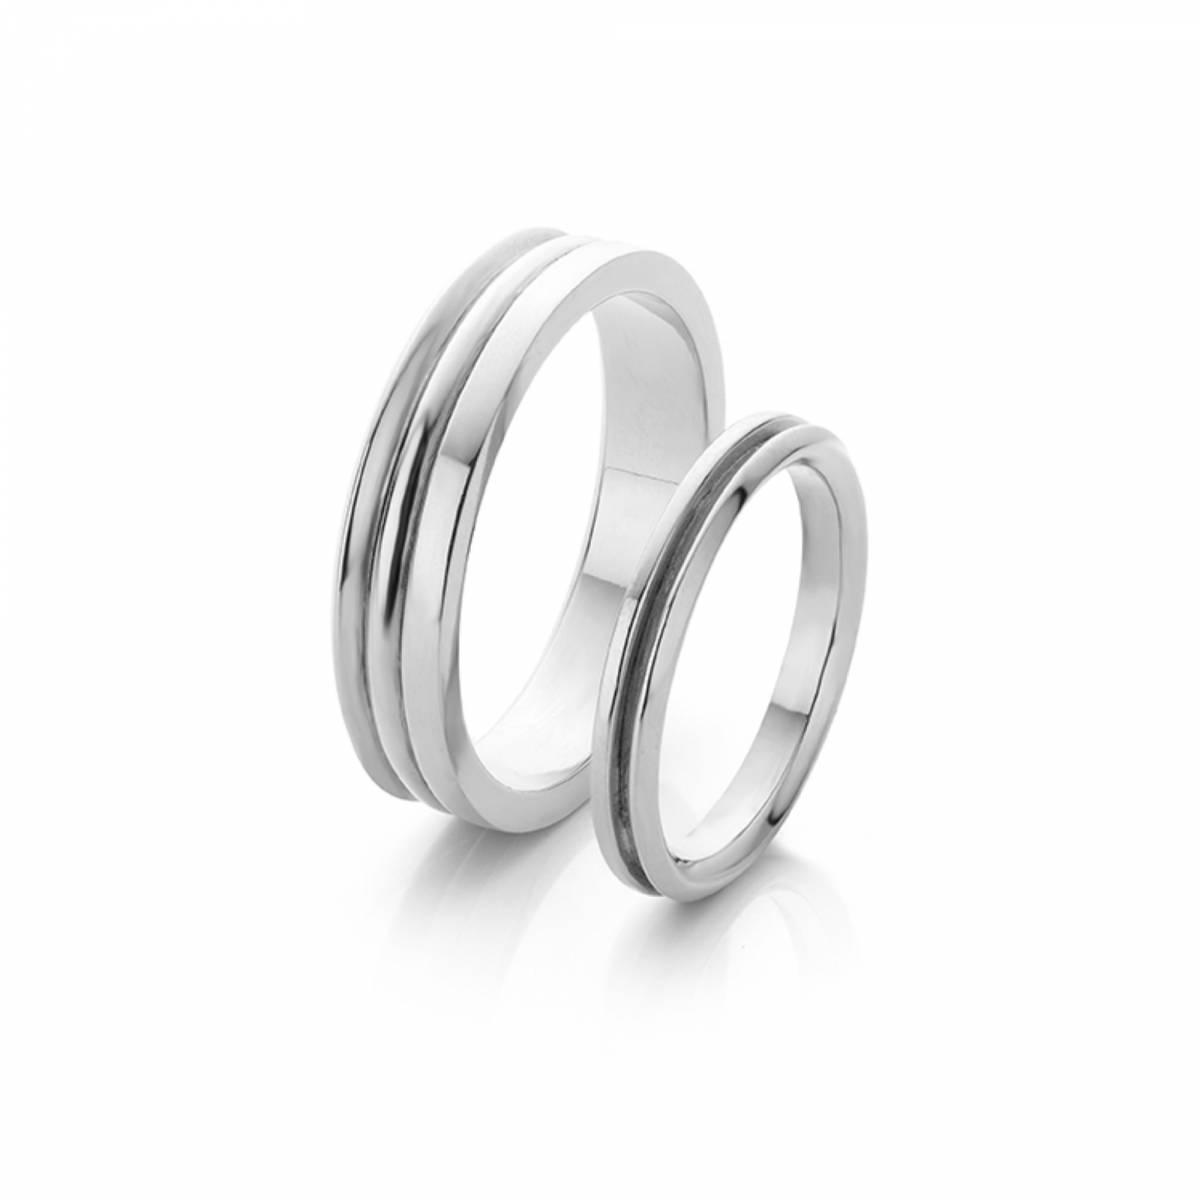 KUBINI - Juwelen - House of weddings (3)